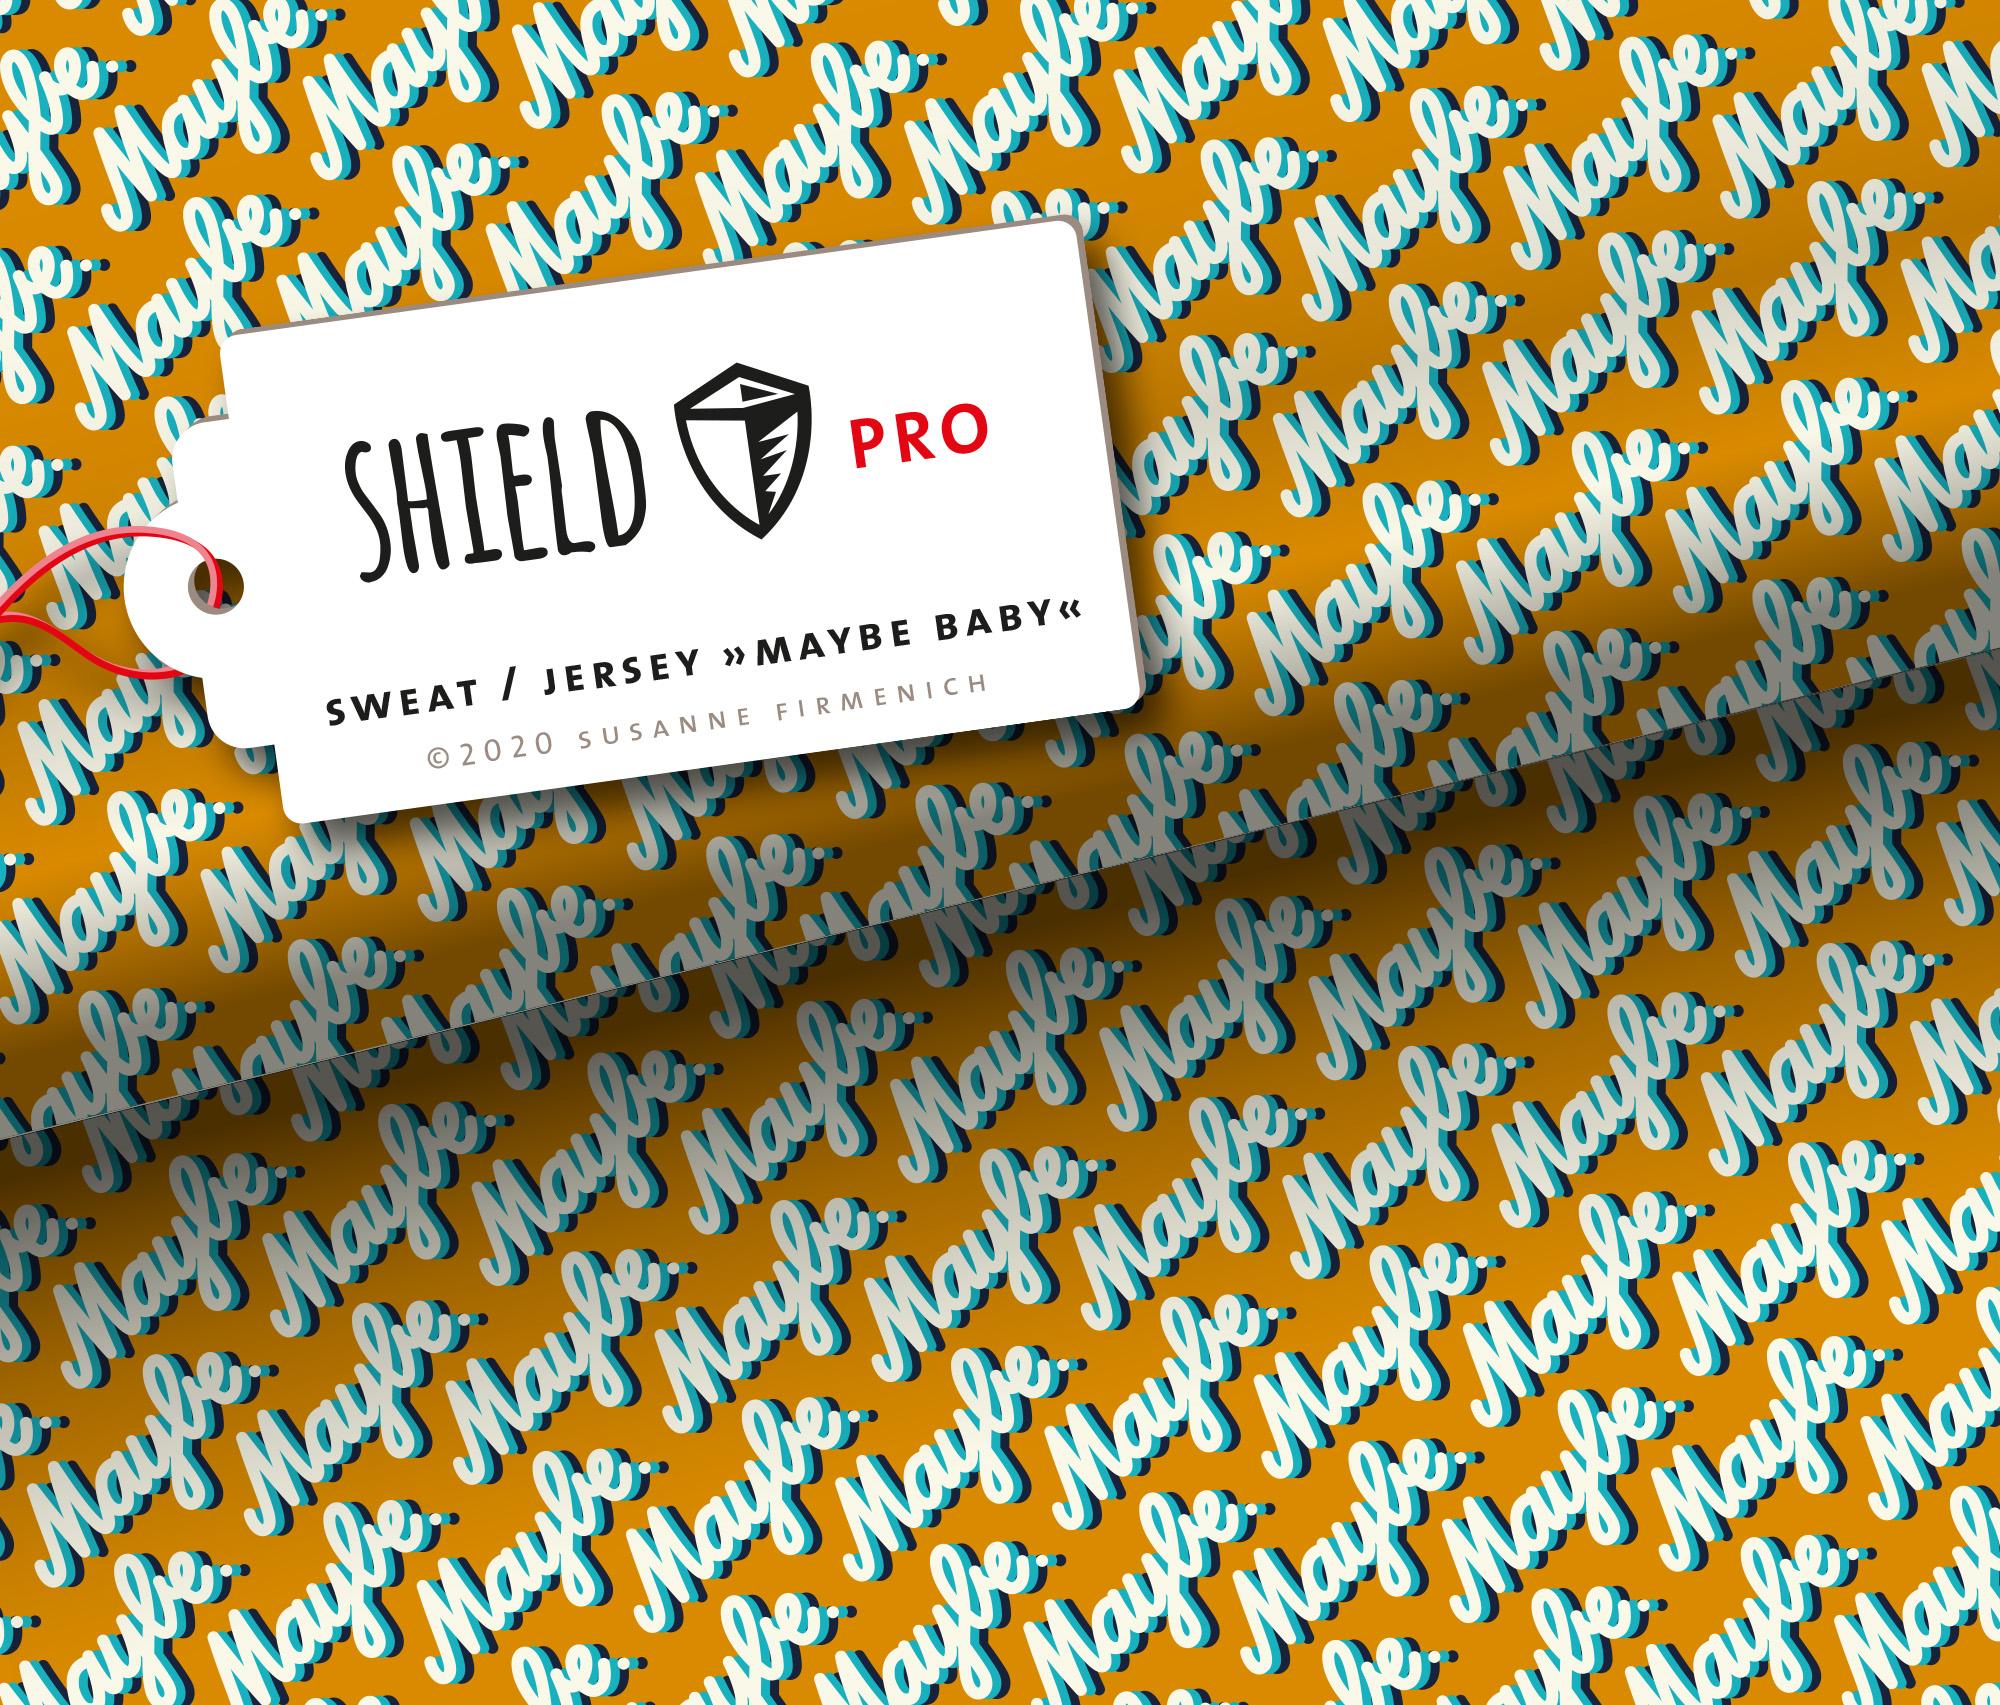 Sweat Shield Pro - Maybe Baby senf antibakteriell von Hamburger Liebe & Albstoffe.